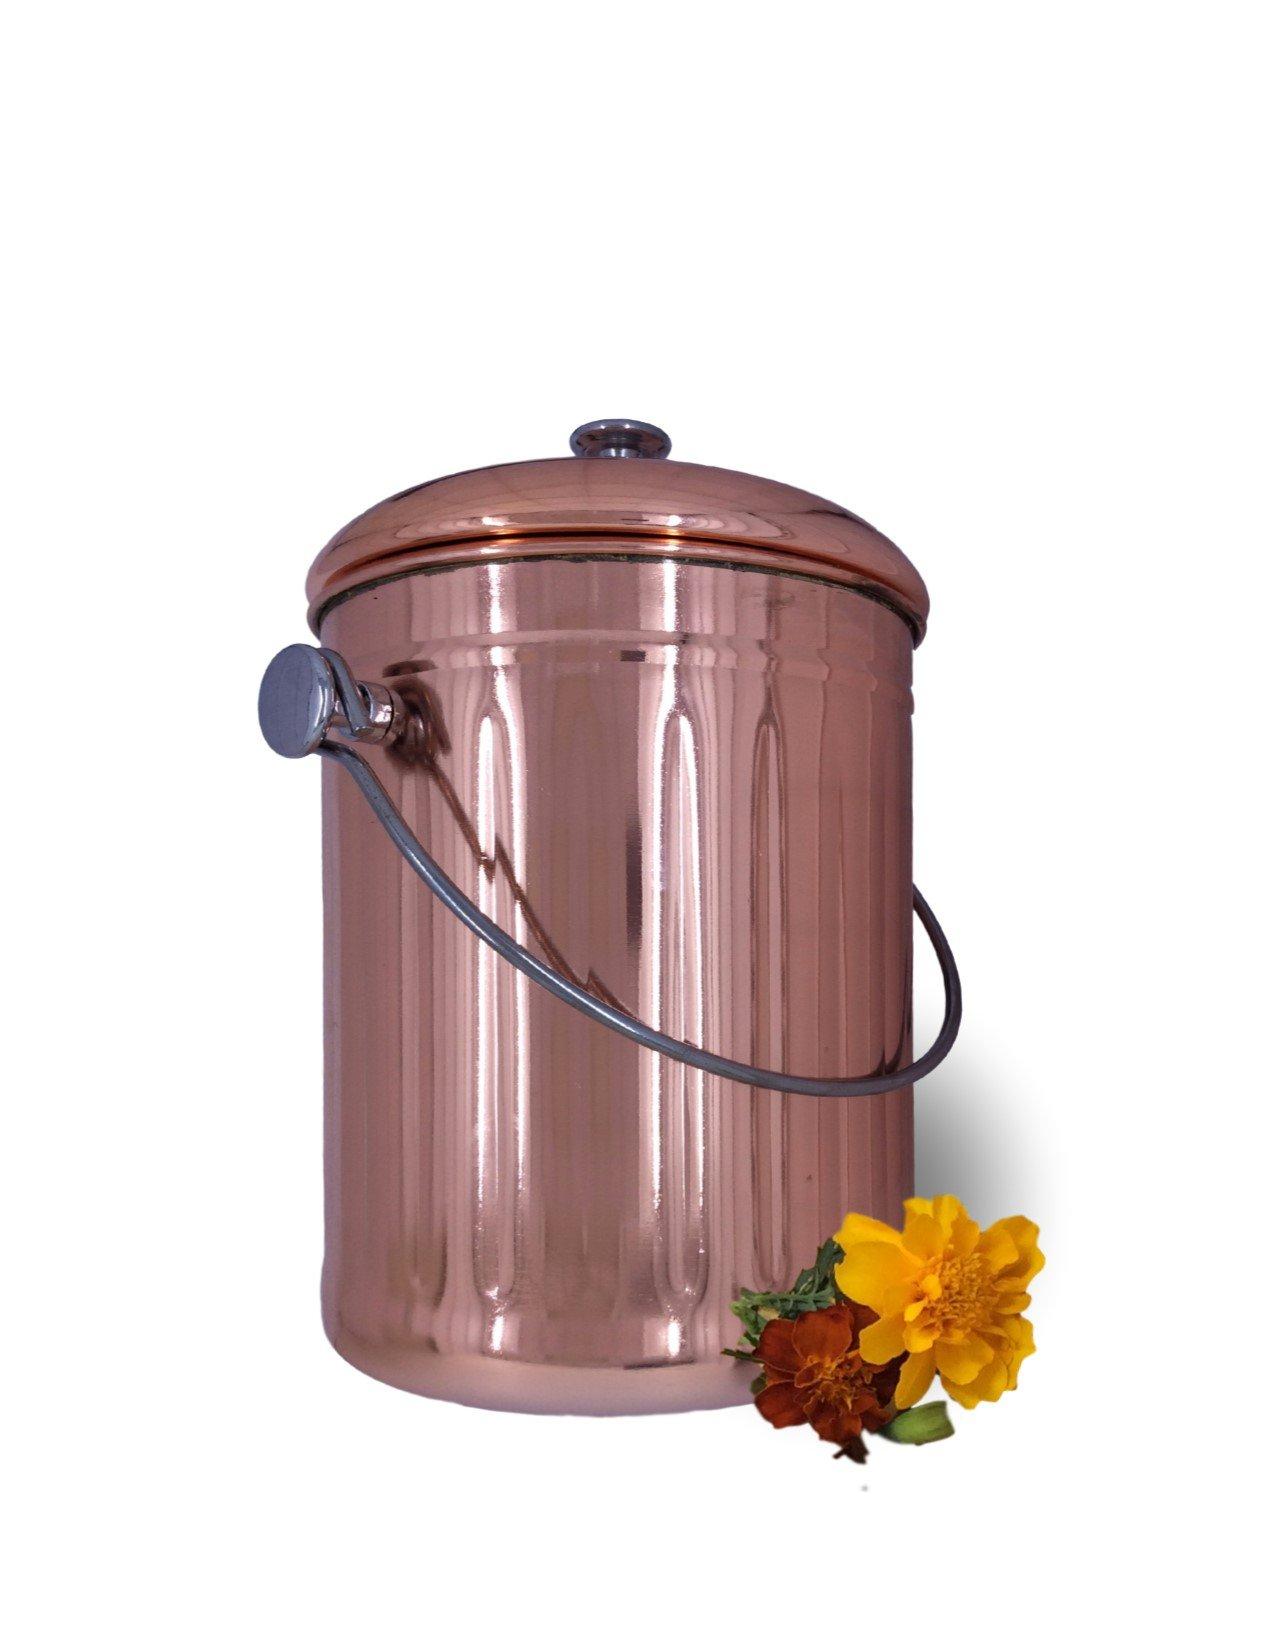 copper countertop compost bin crock bucket for indoor. Black Bedroom Furniture Sets. Home Design Ideas